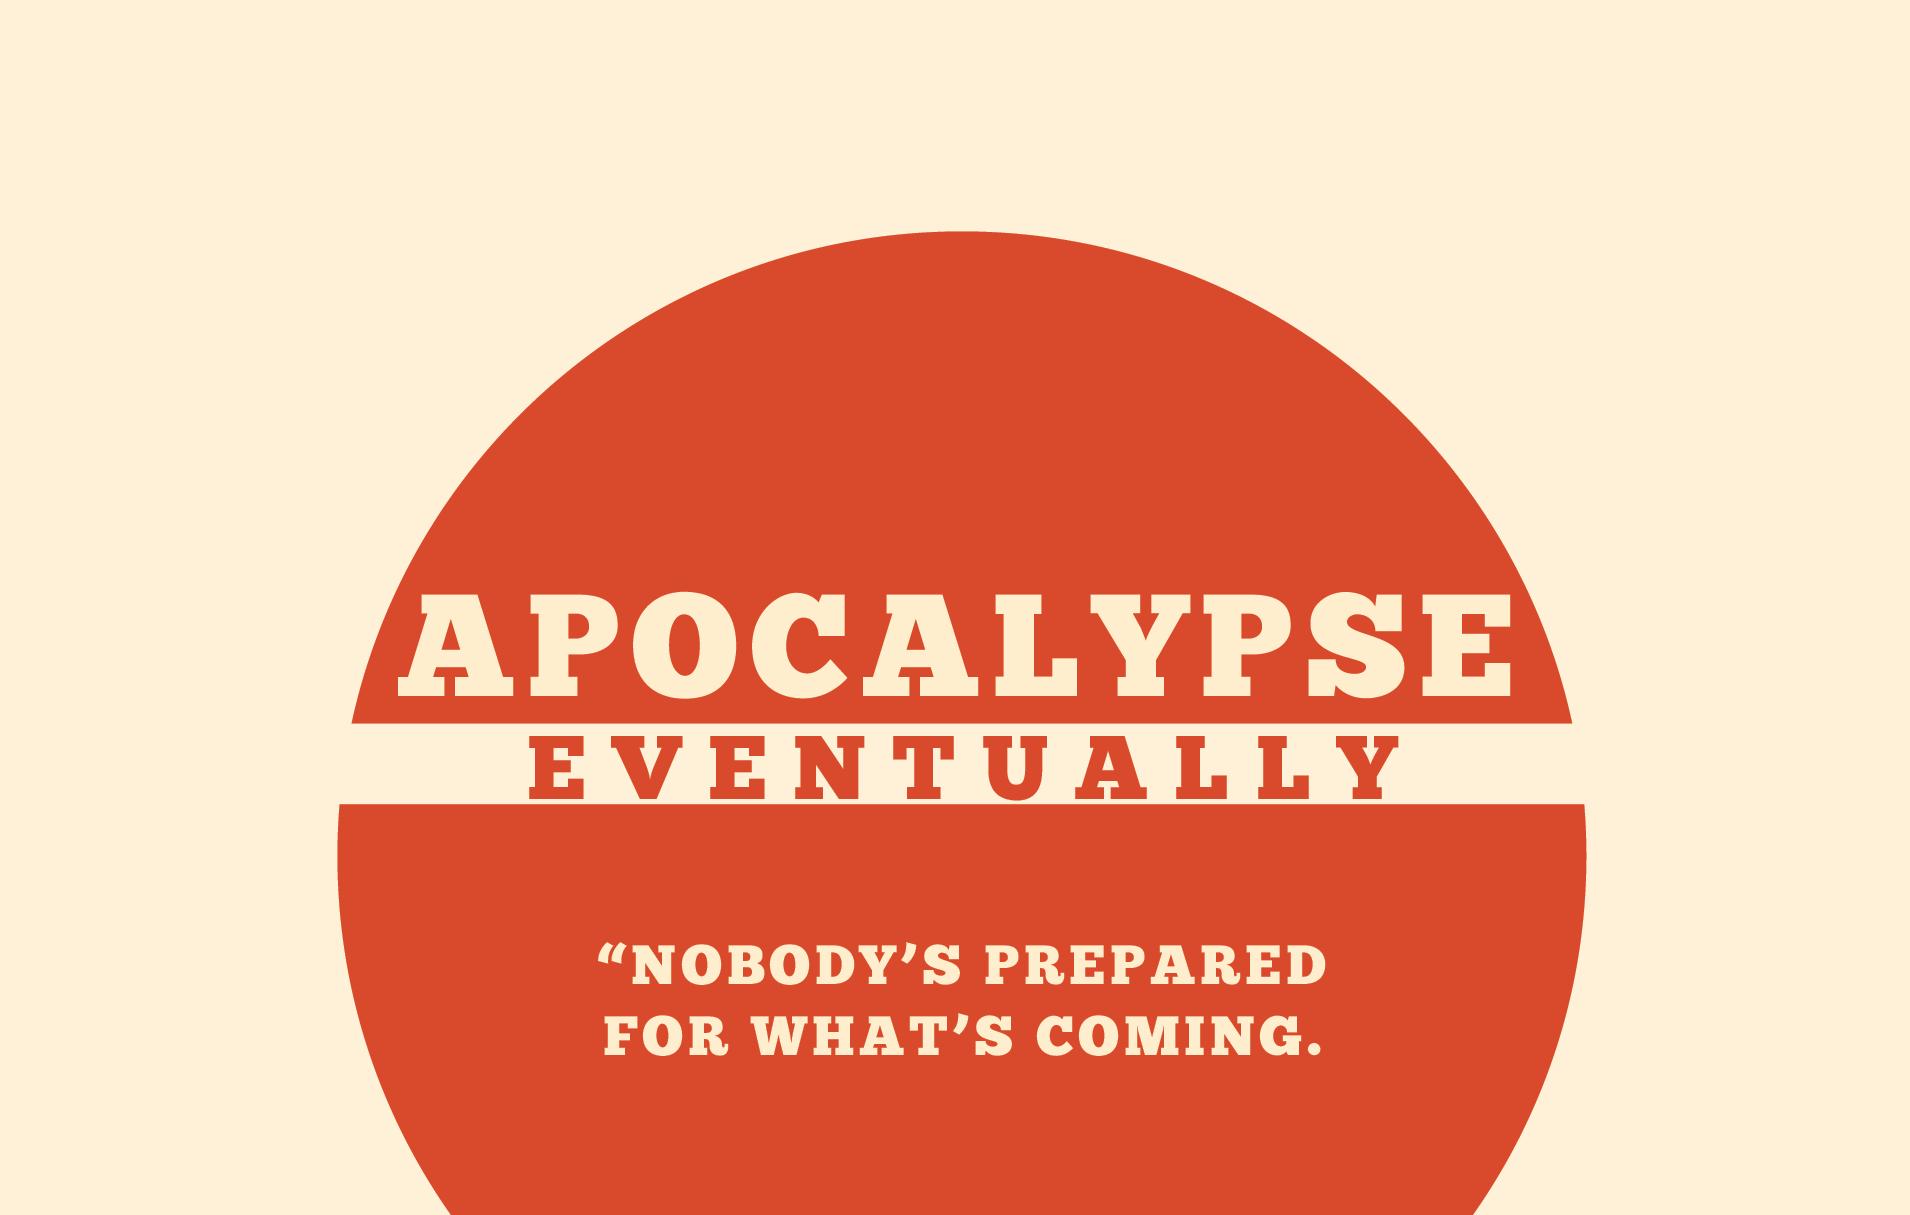 Apocalypse Eventually - Preppers